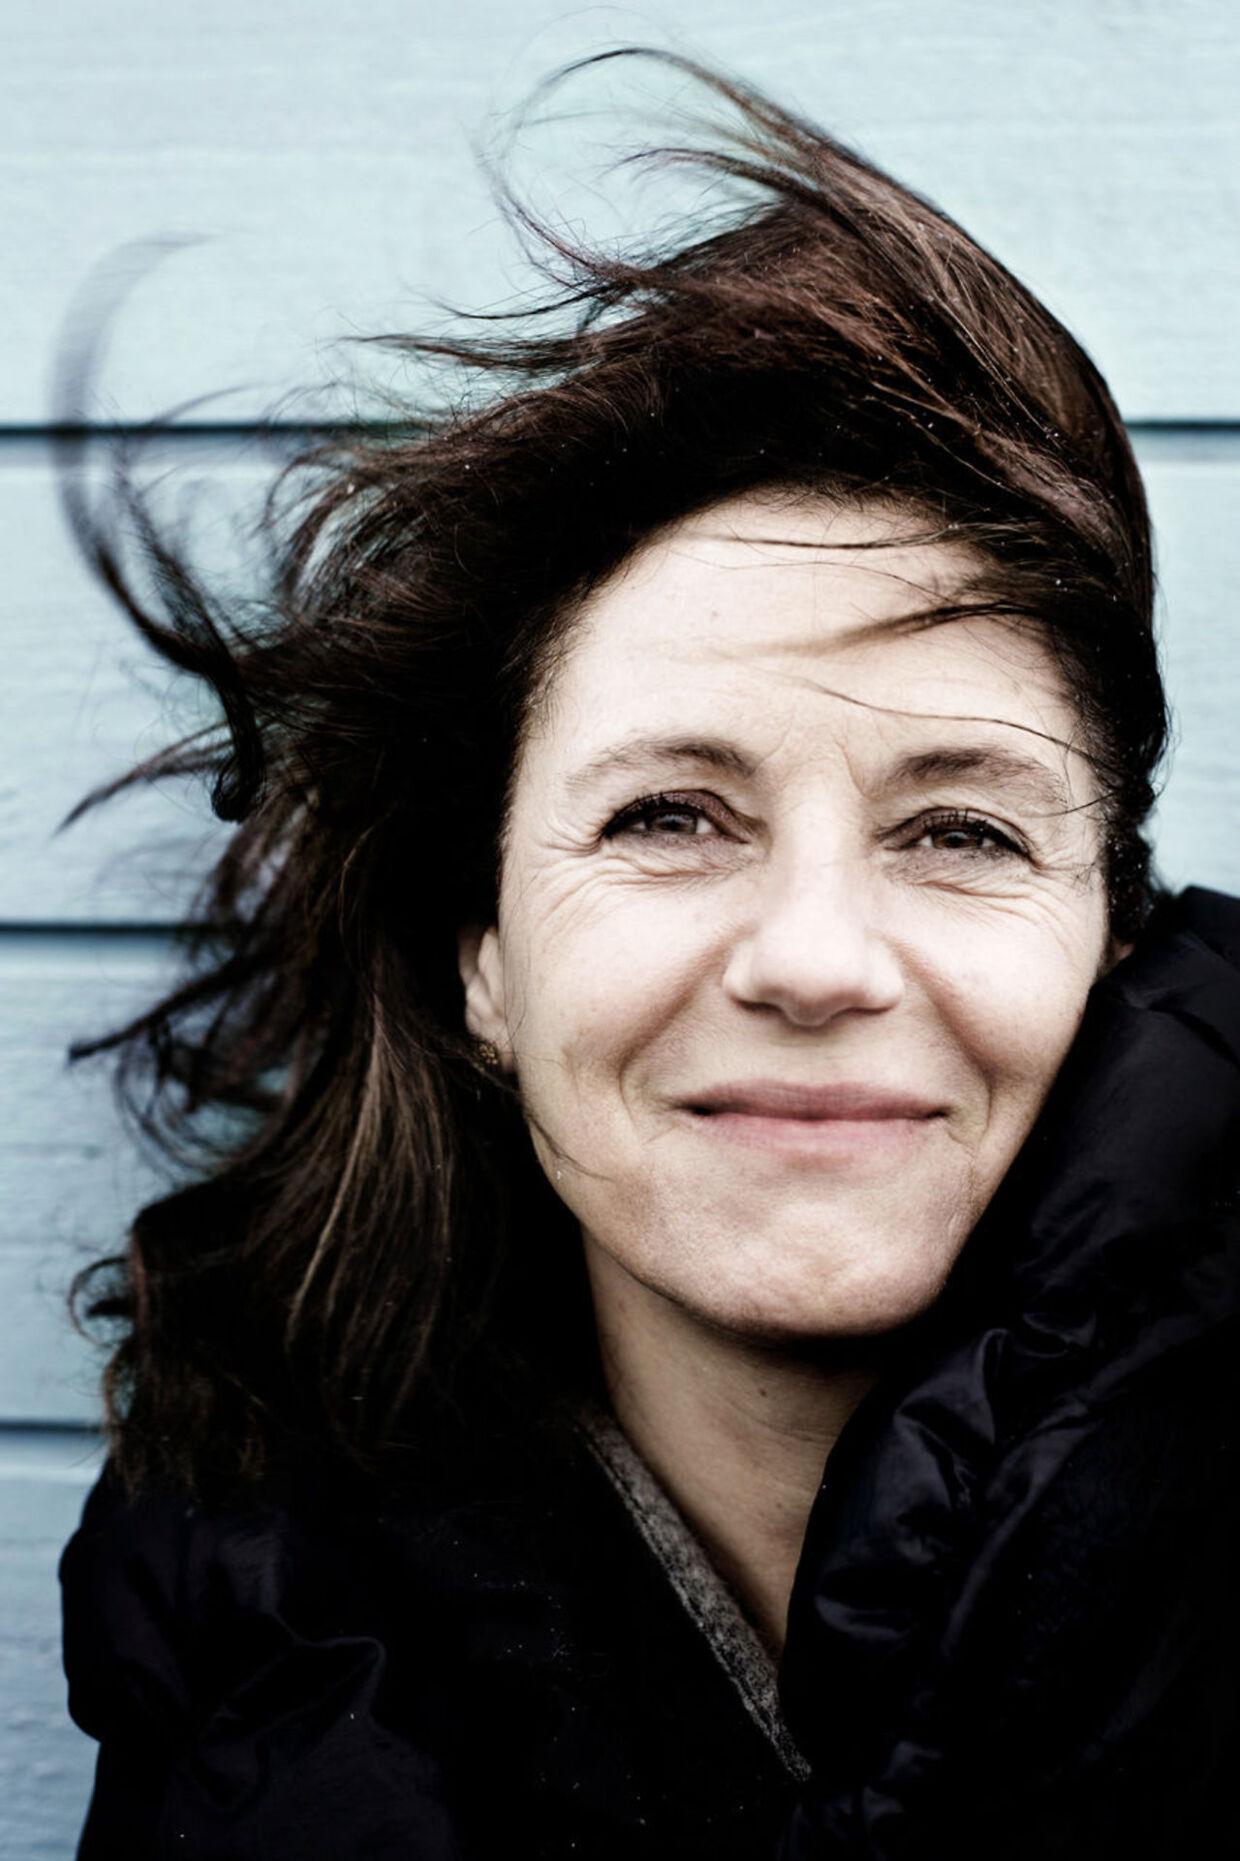 Instruktør Charlotte Sieling. Her fotograferet på Helgoland på Amager Strand.